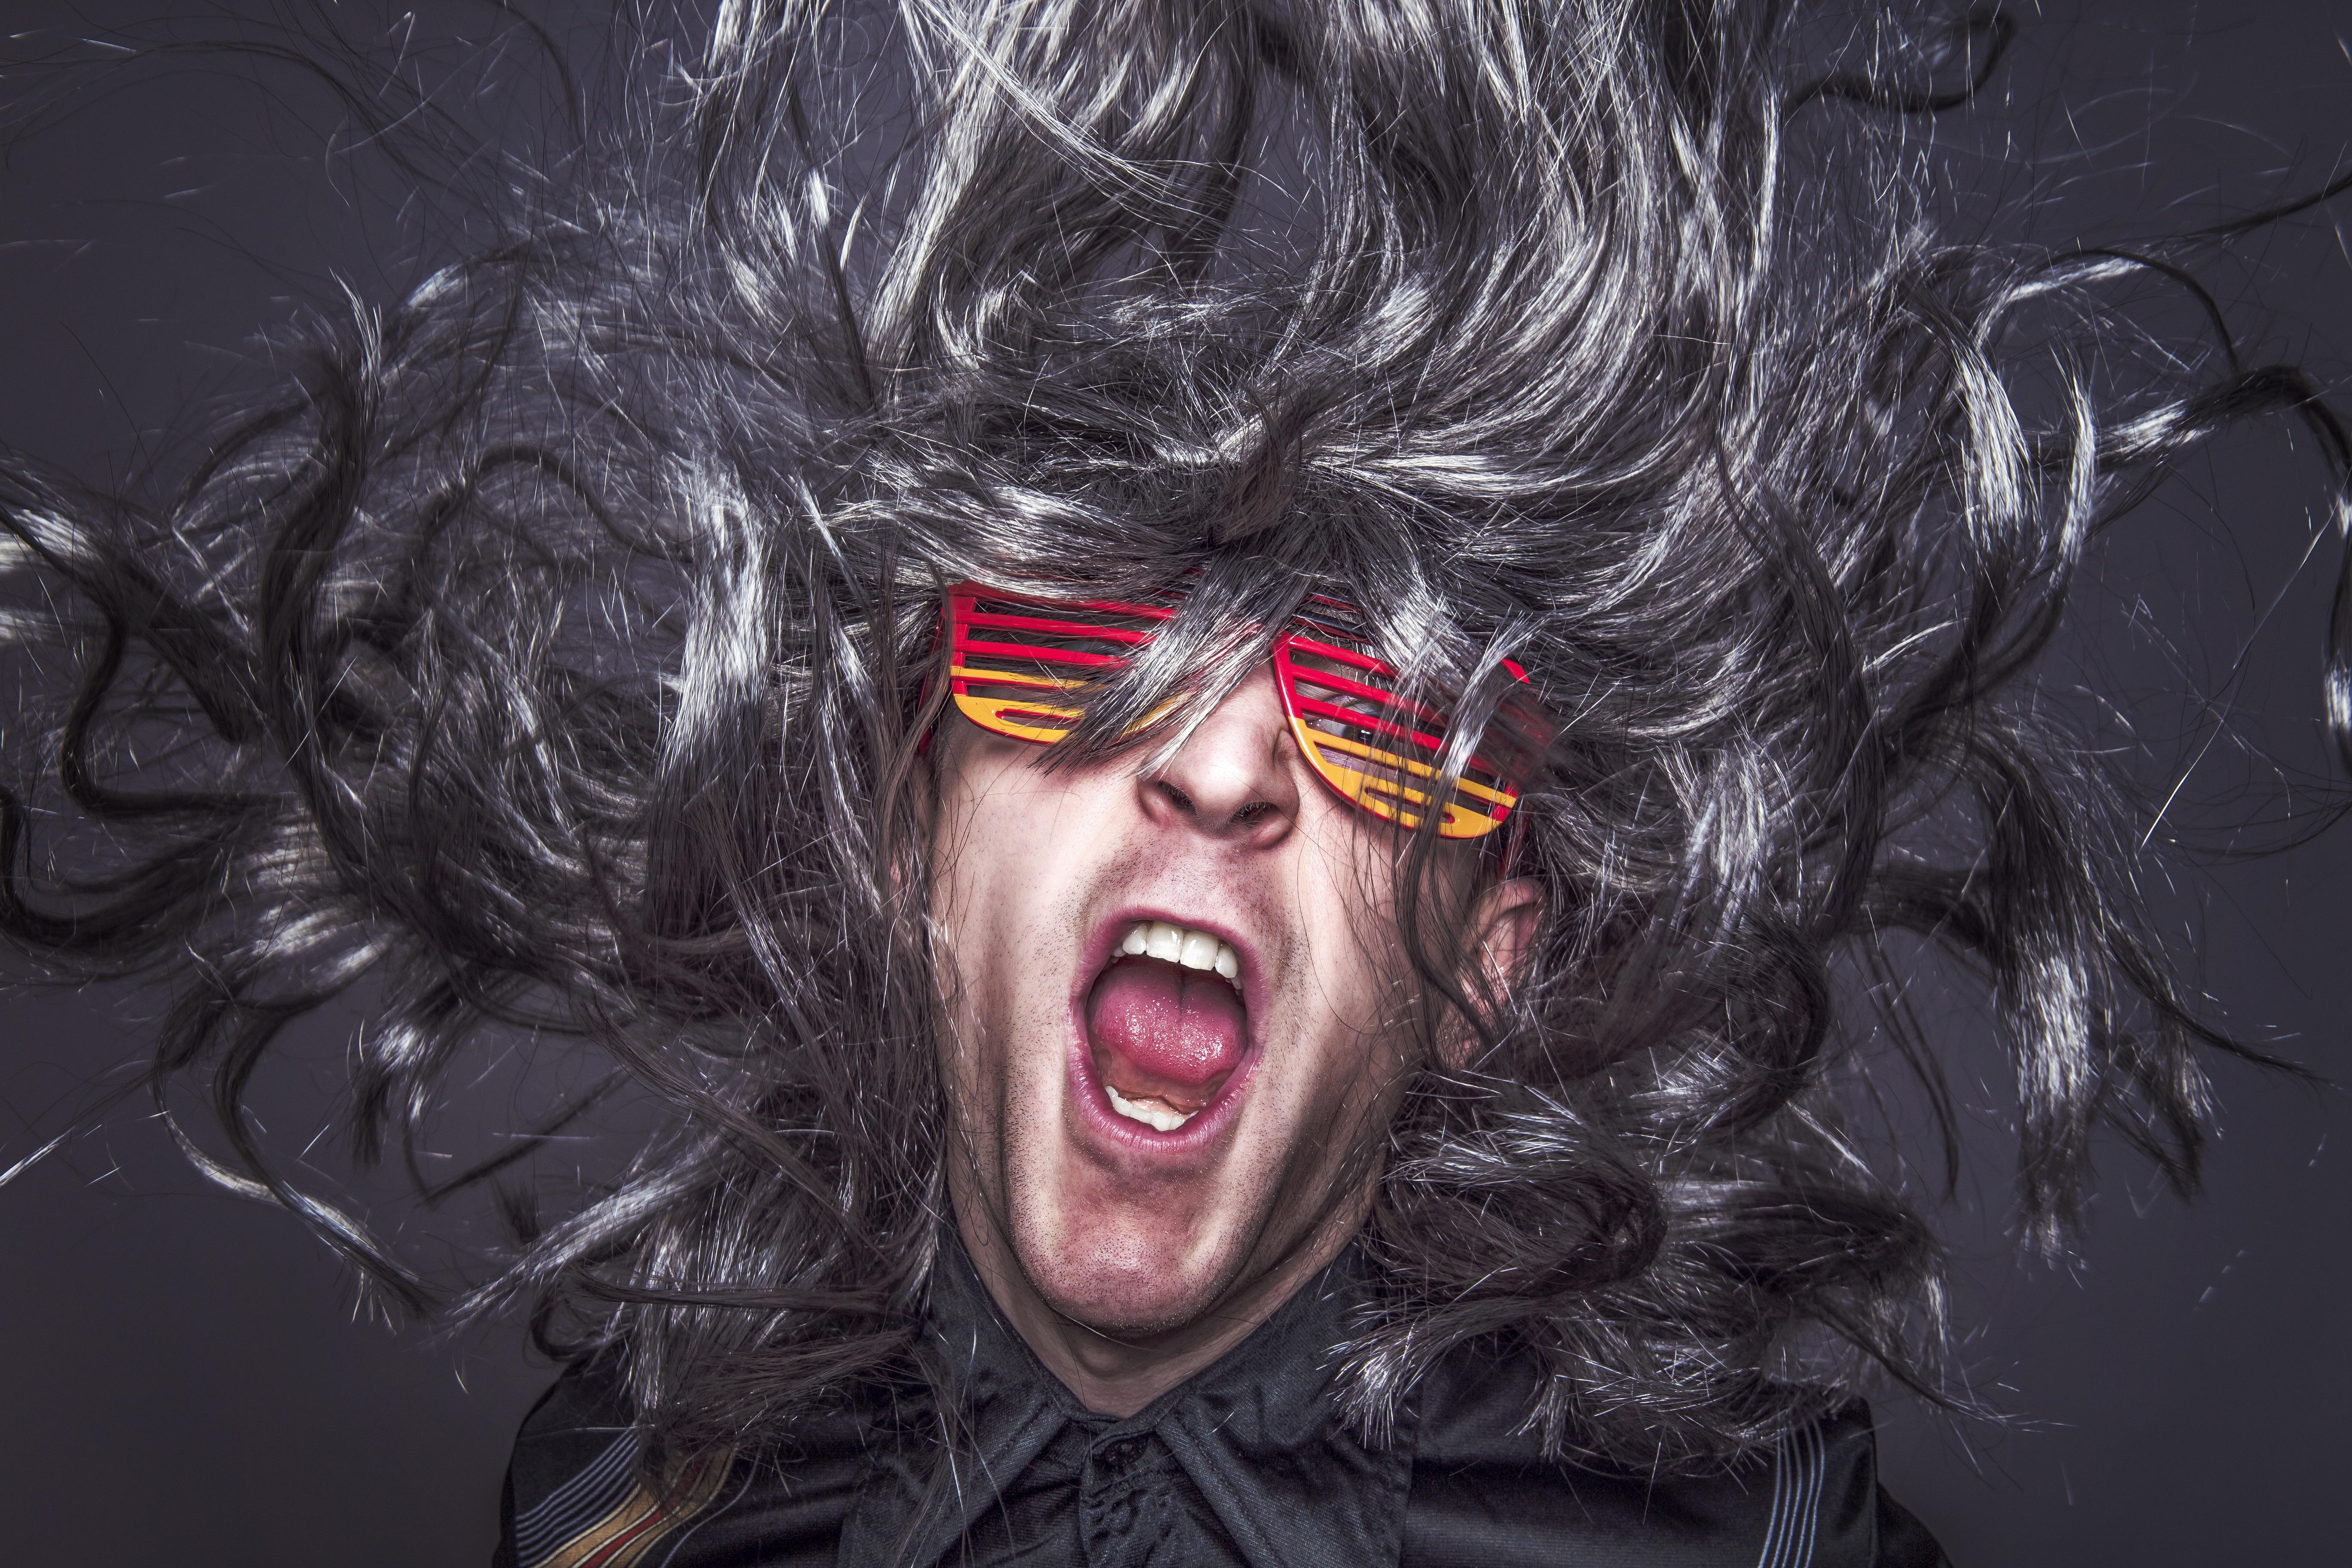 Kostenlose Foto Mann Rock Person Musik Menschen Haar Weiss